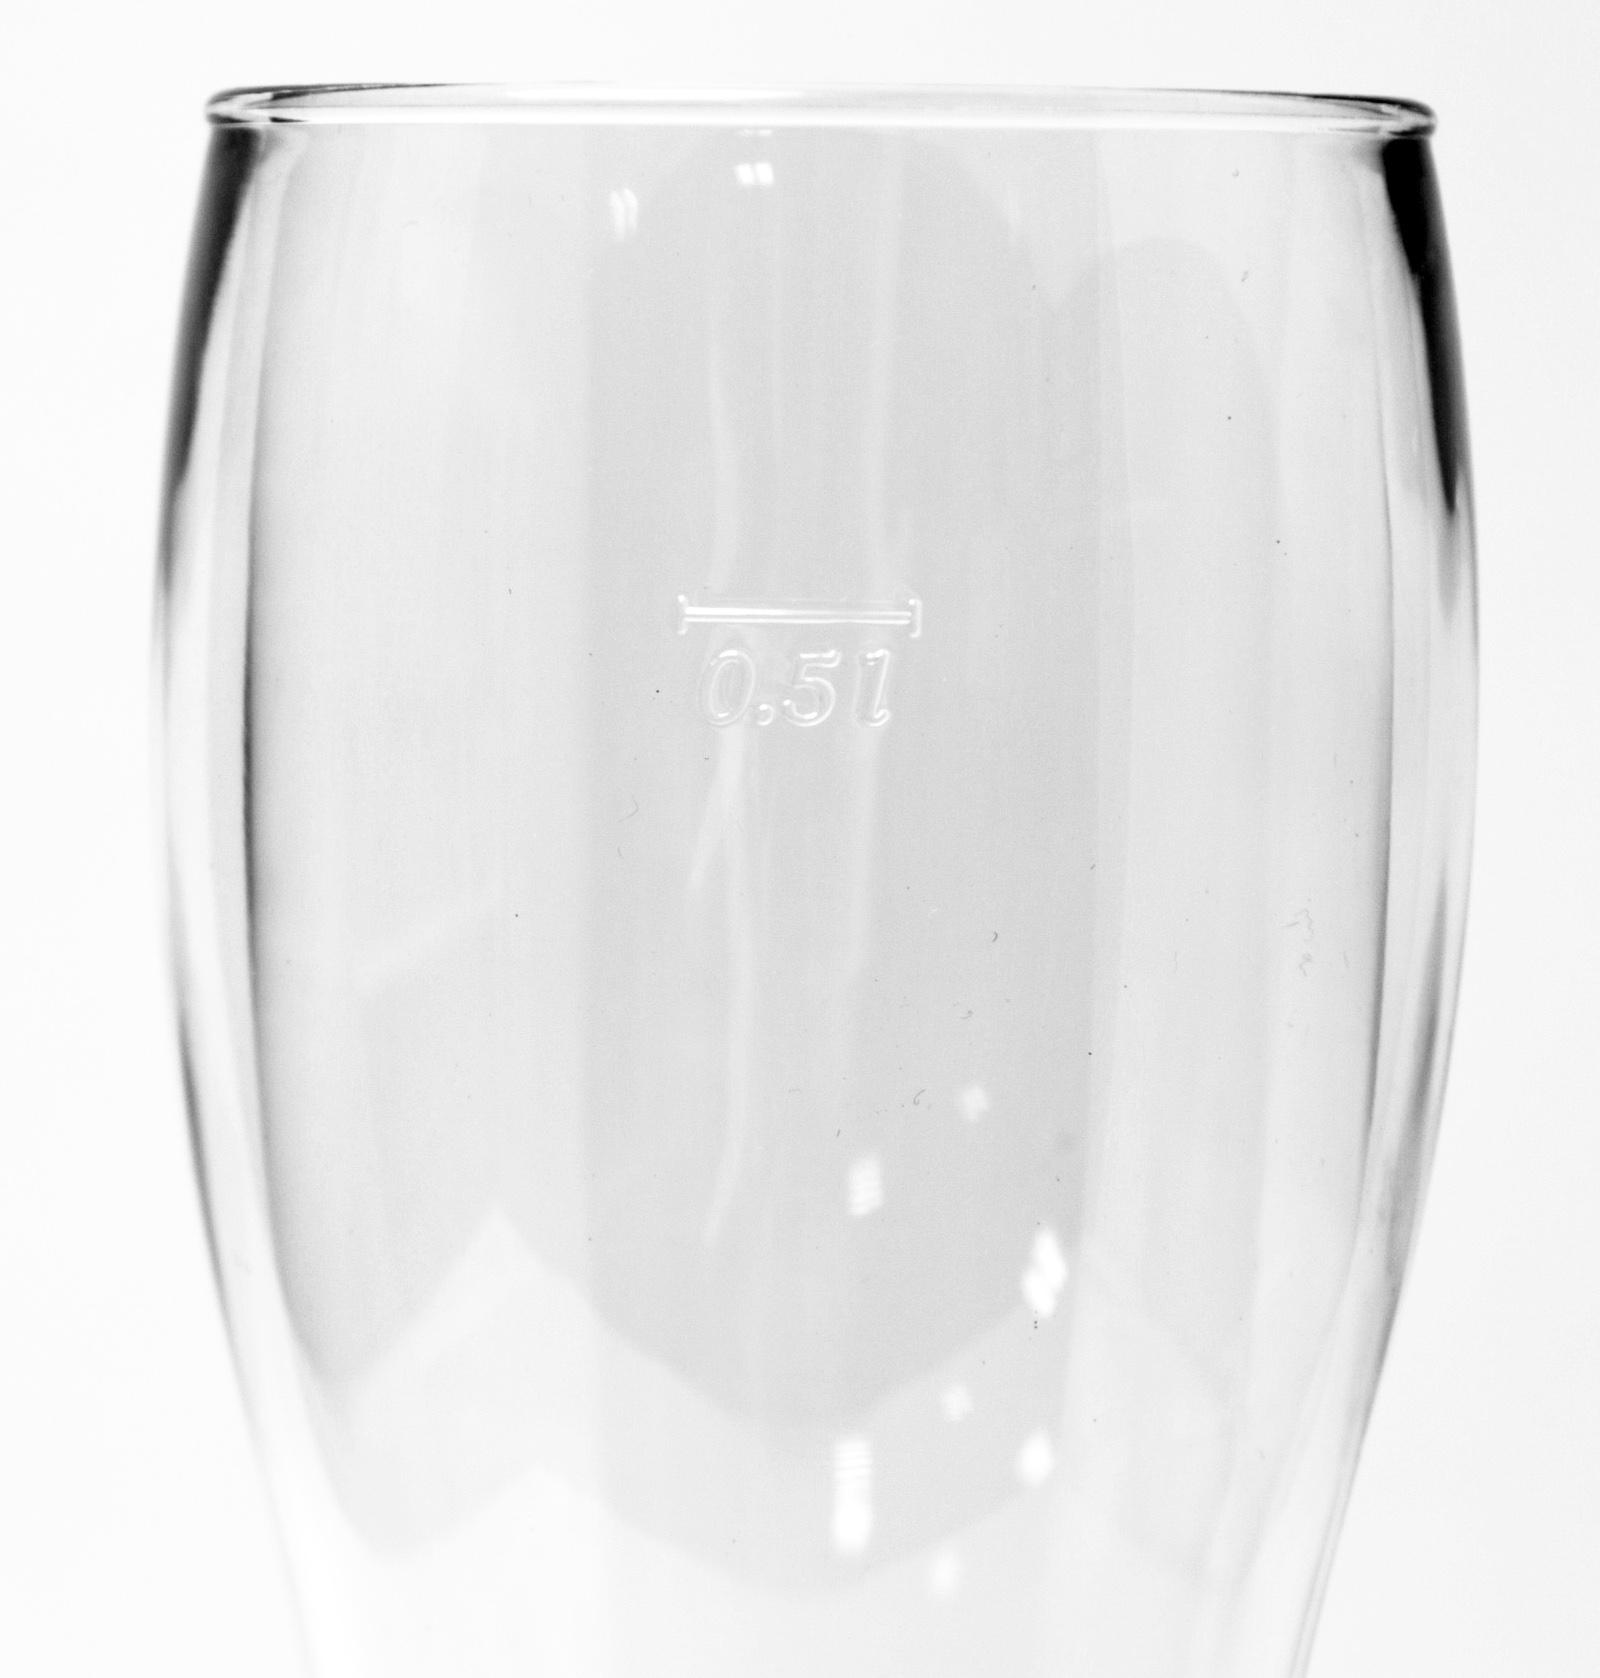 割れないグラス Tritan(トライタン)ピルスナー ビアグラス 720cc